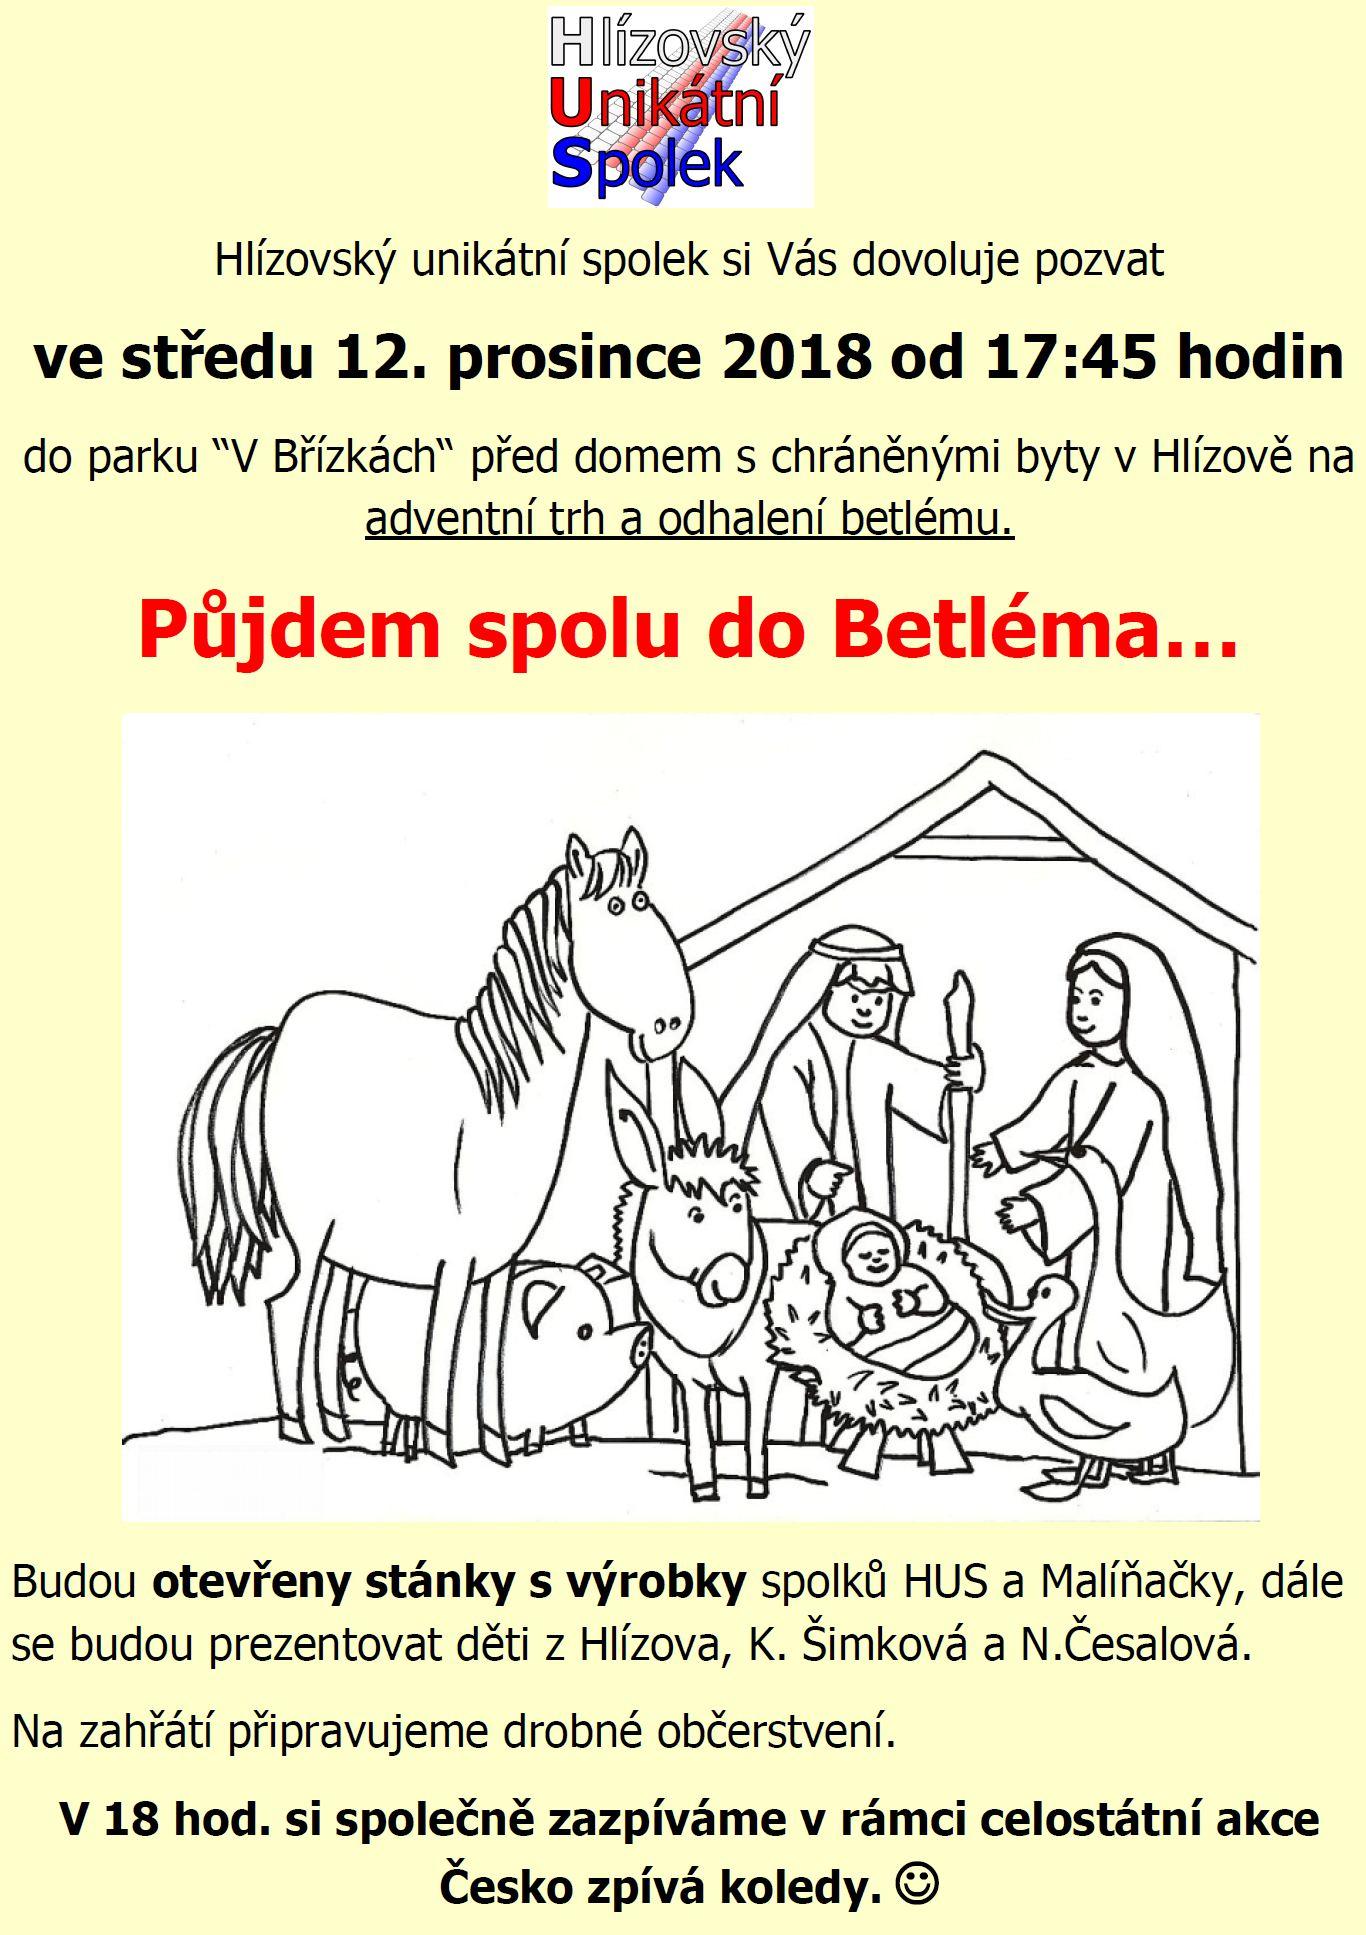 Adventní trh a tradiční zpívání koled 12. prosince 2018